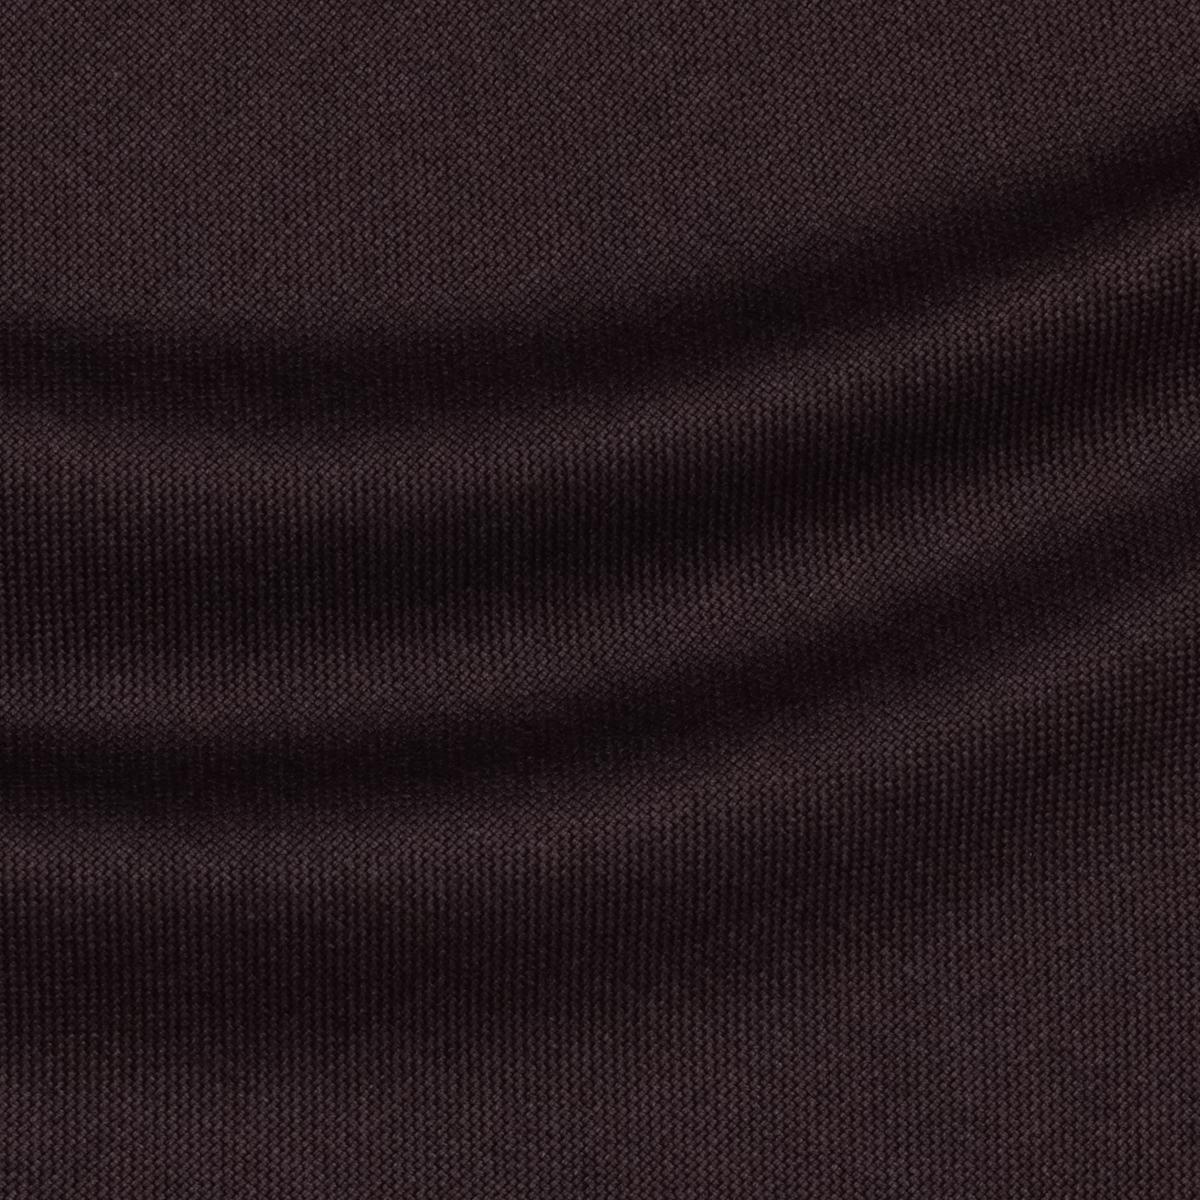 Кашемирово-шёлковая рогожка сливового цвета